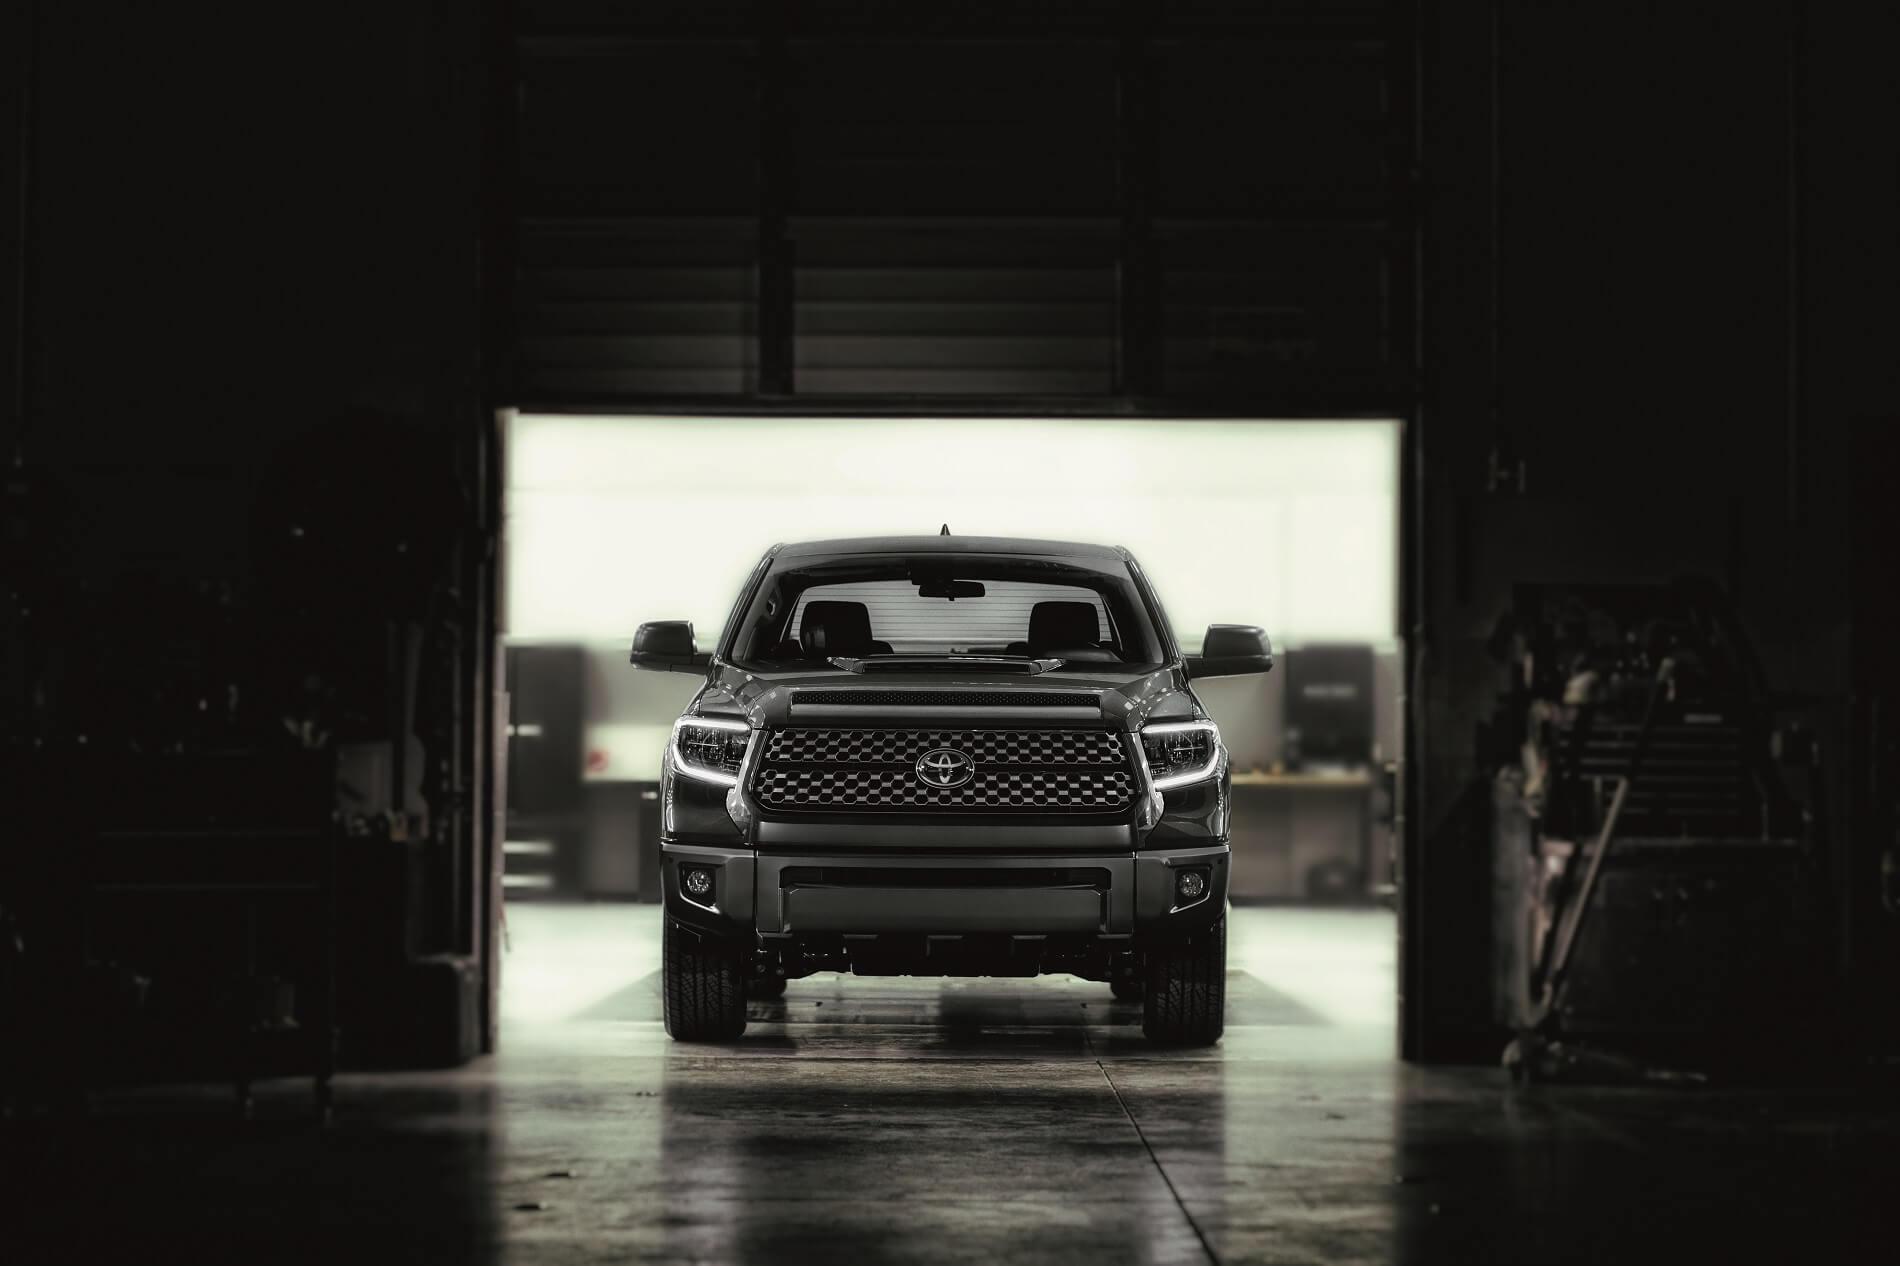 Toyota Tundra Towing Capacity